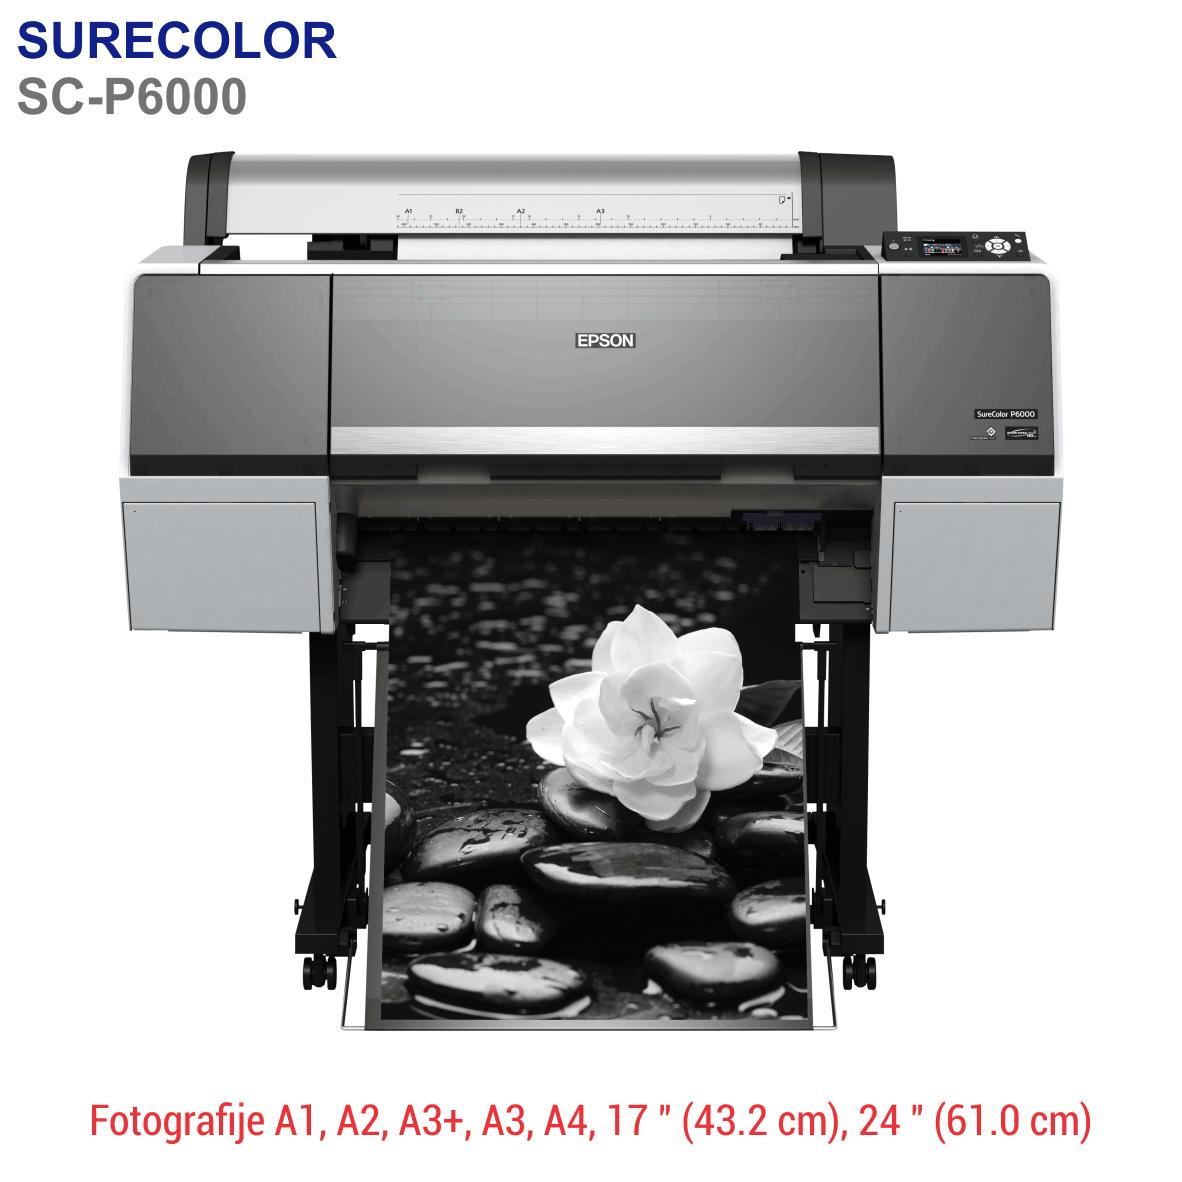 EPSON SureLab P6000